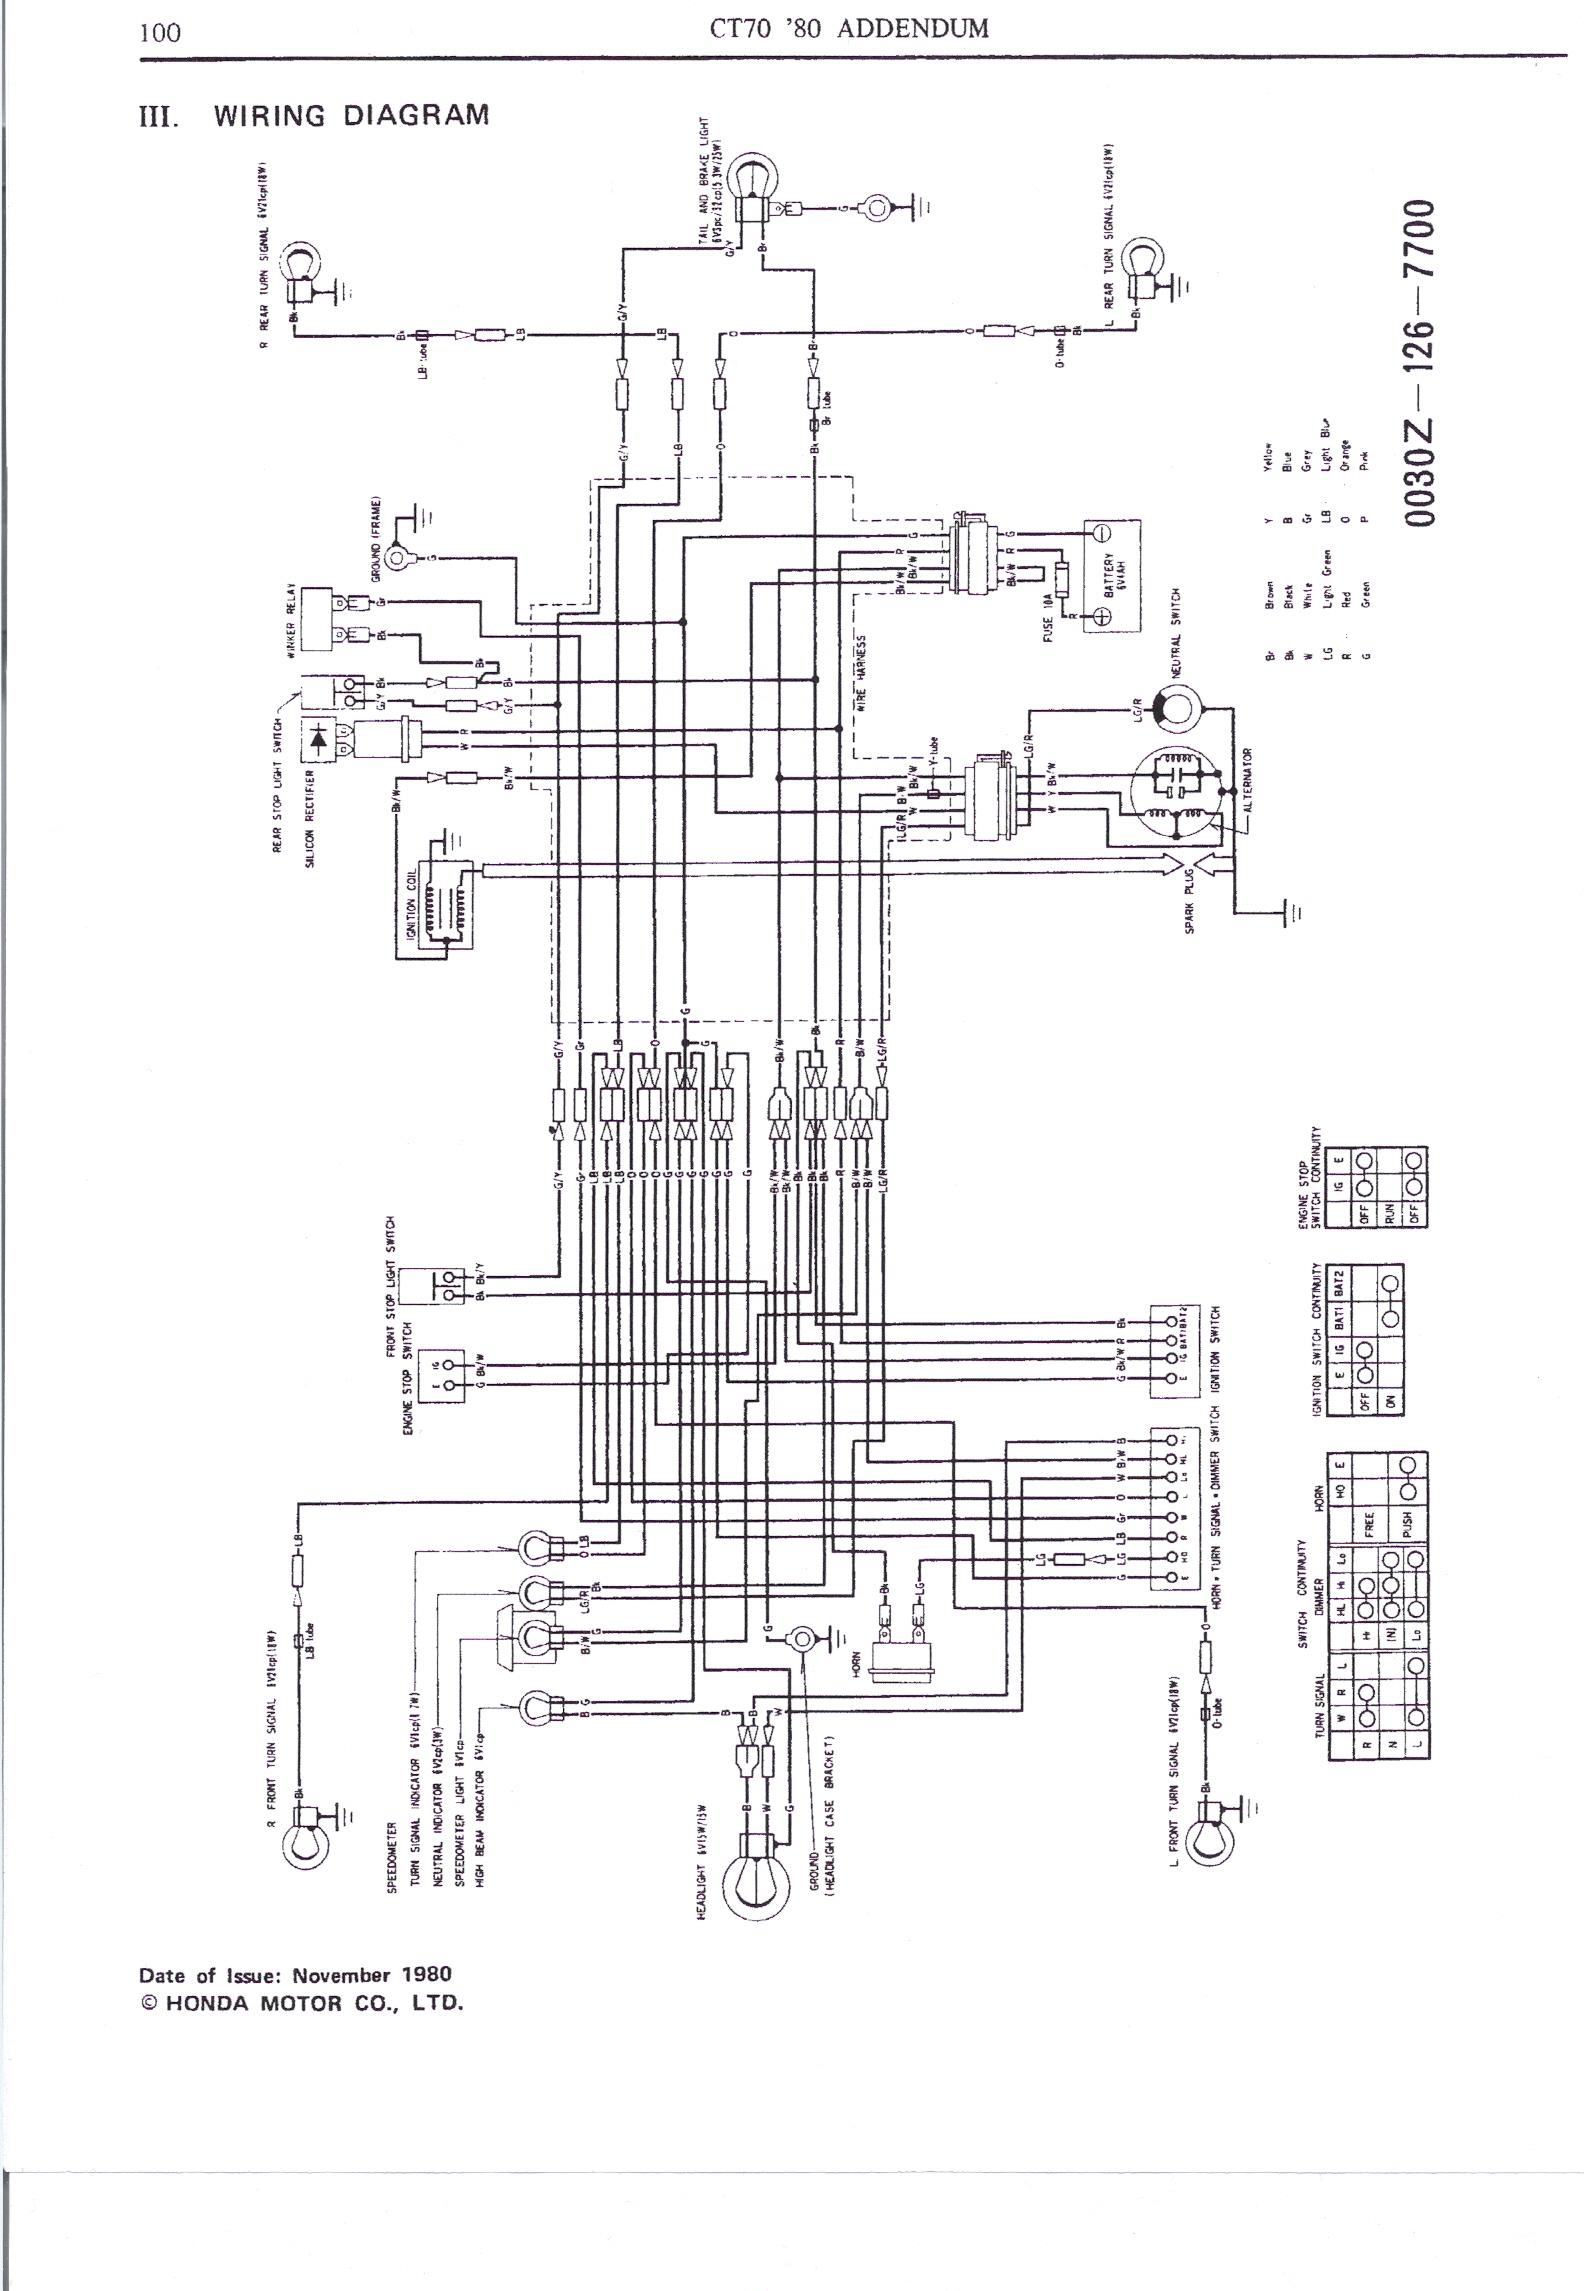 1972 Honda Ct70 Wiring Diagram 1972 Free Wiring Diagrams – Honda Ct70 Wiring Diagram